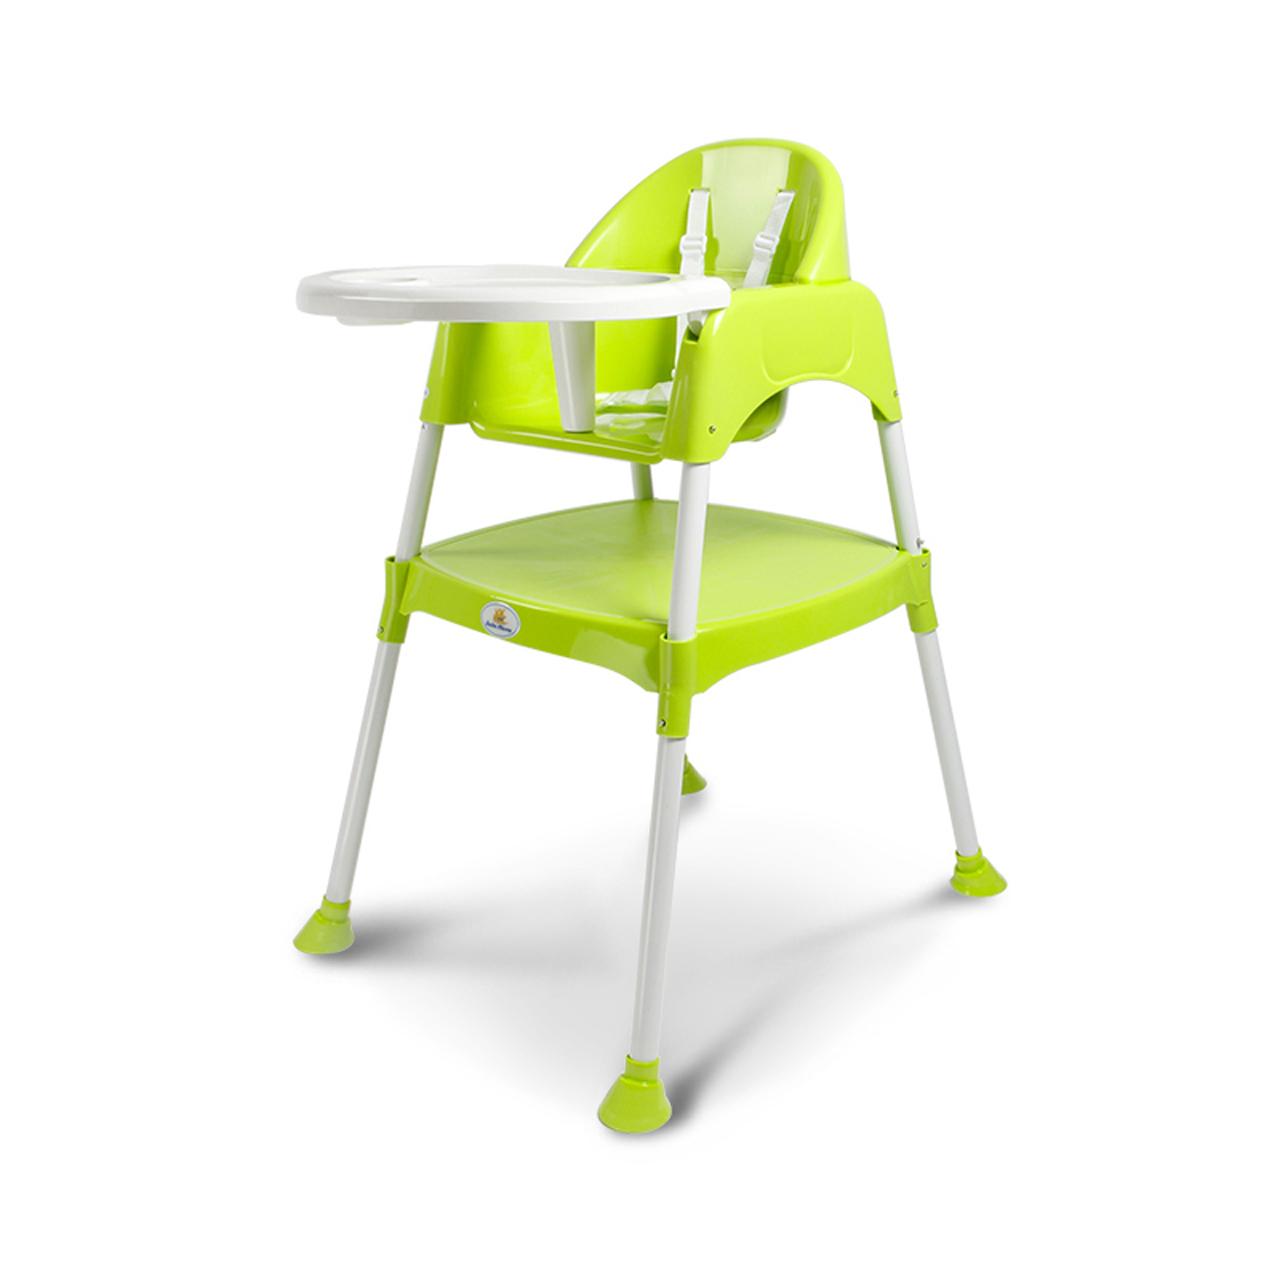 兒童餐椅便攜可折疊嬰兒多 座椅兩用寶寶椅小孩子BB吃飯餐桌椅